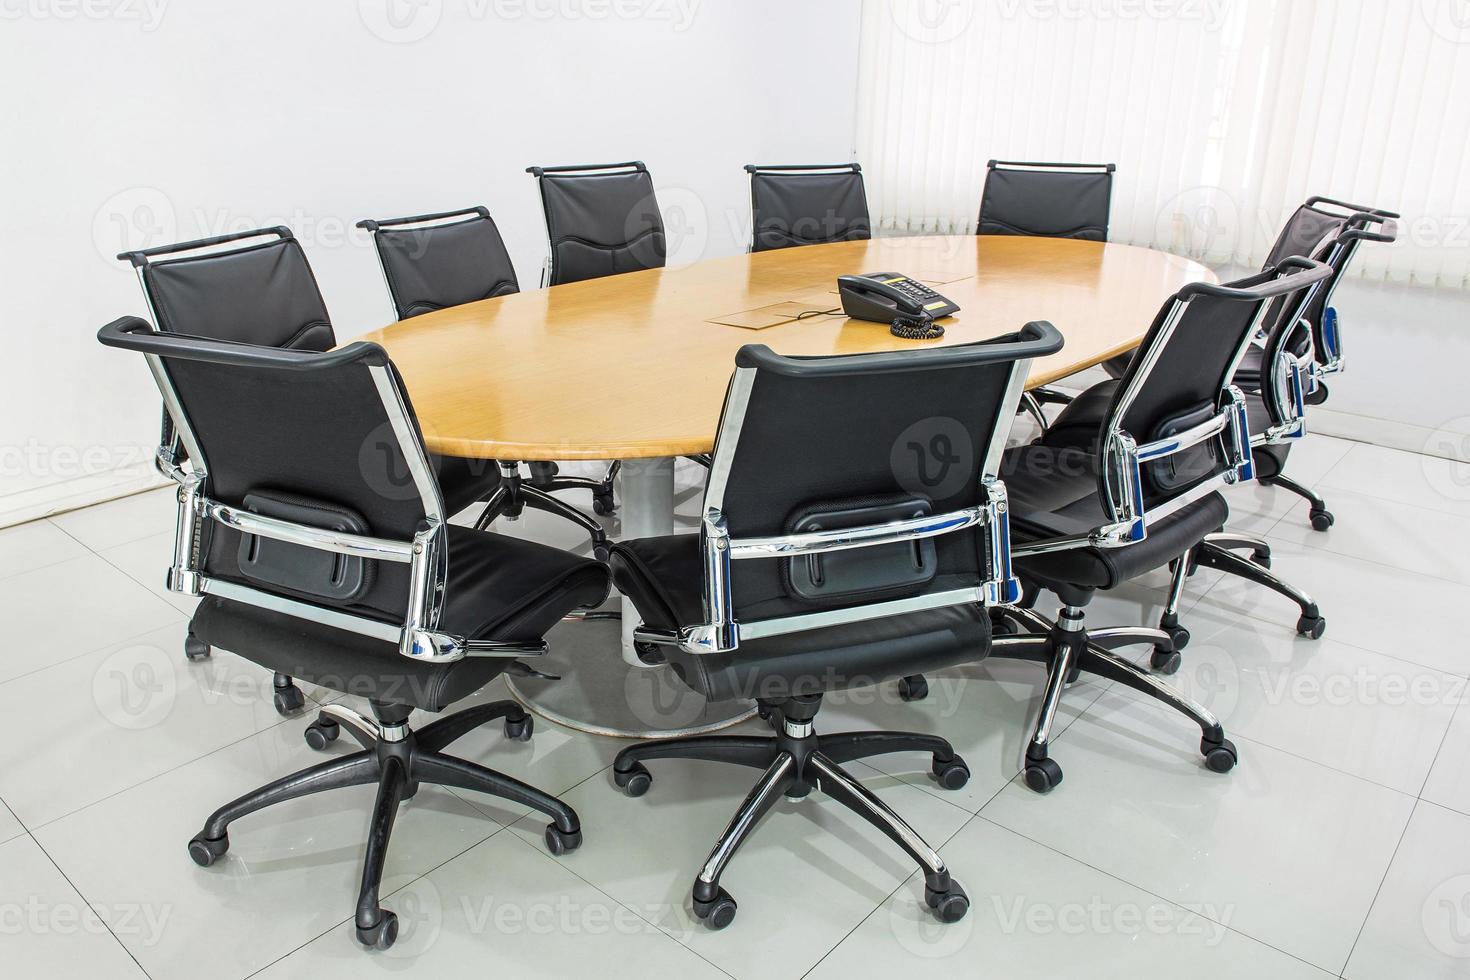 tavolo da riunione e capelli neri nella sala riunioni foto